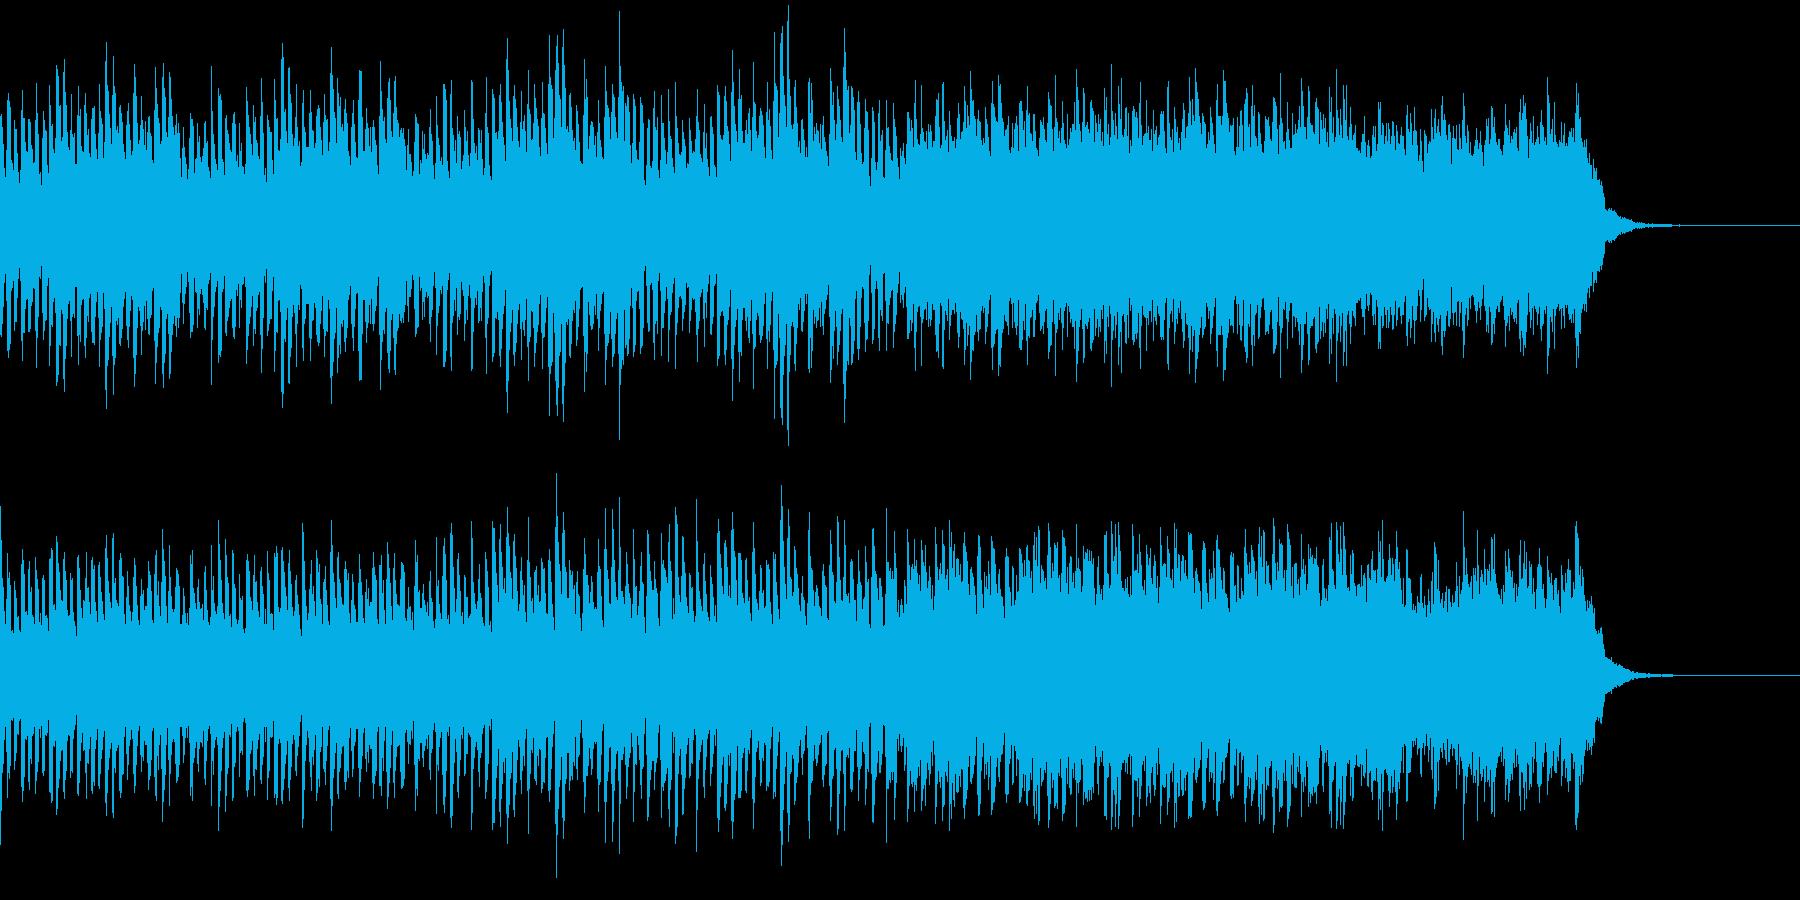 ハッピーなピアノハウスの再生済みの波形